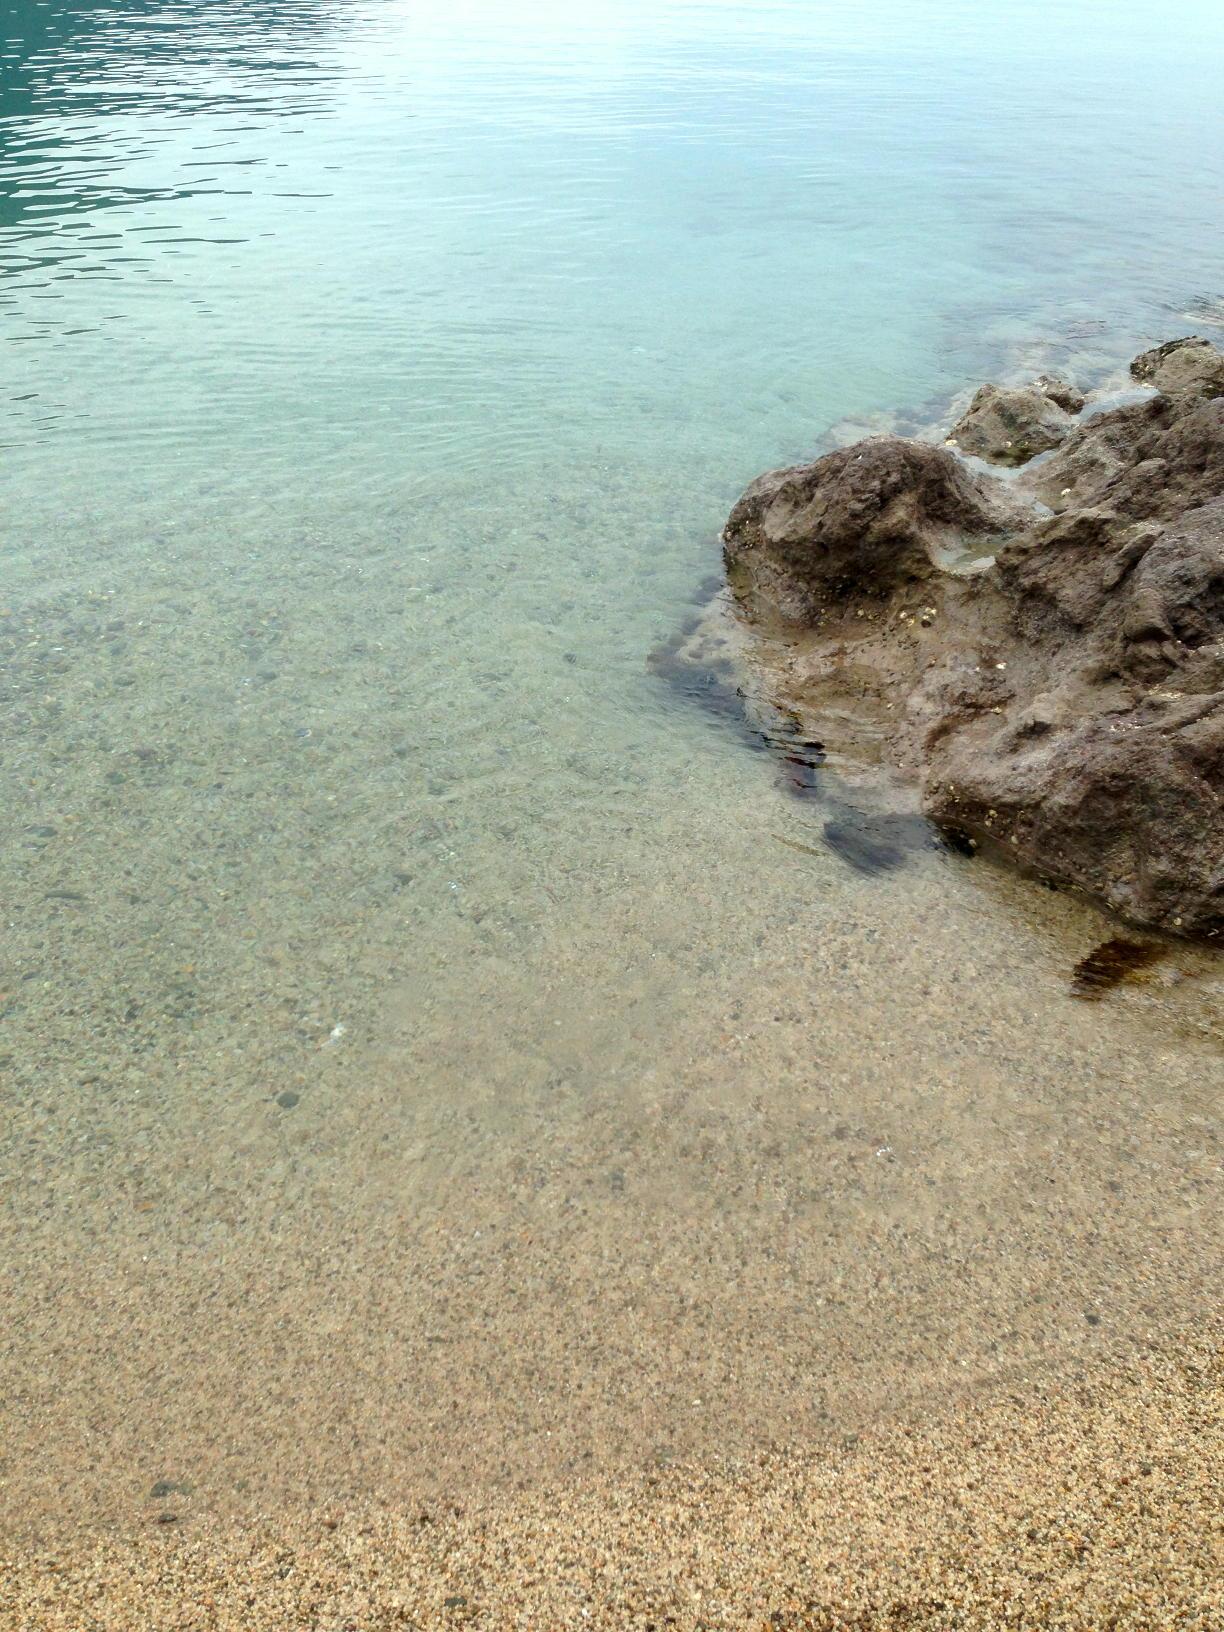 関西で夏の海水浴。日本海側と瀬戸内海・太平洋側のどちらを選ぶと良い?